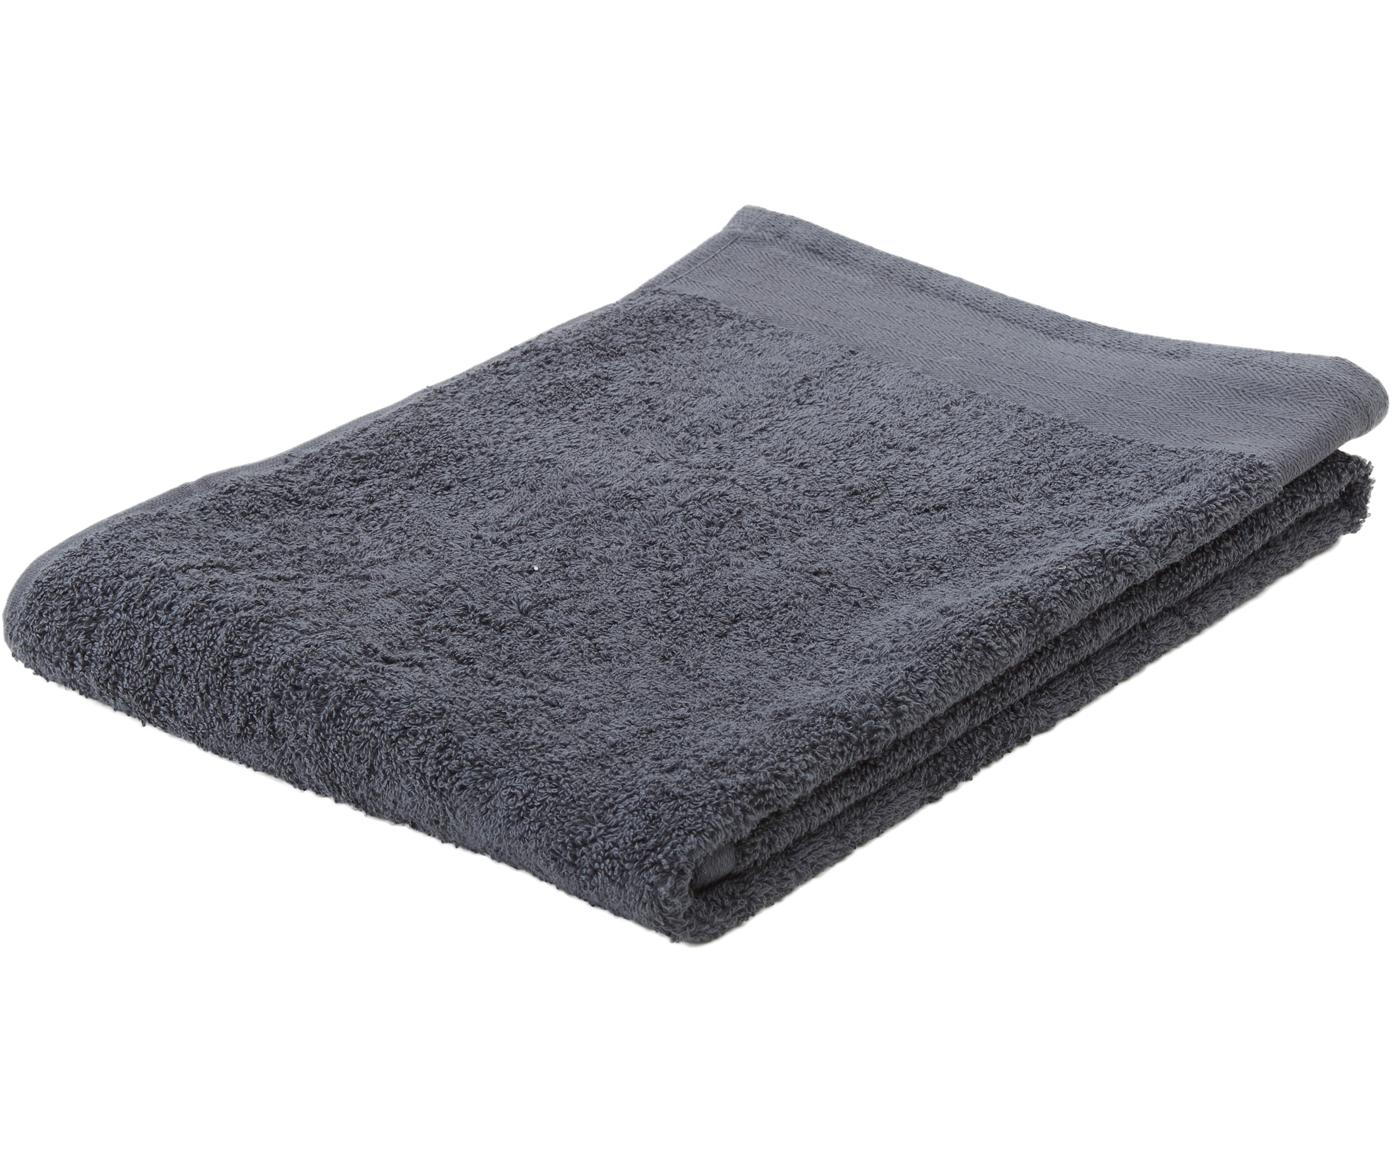 Handtuch Soft Cotton, Anthrazit, Handtuch